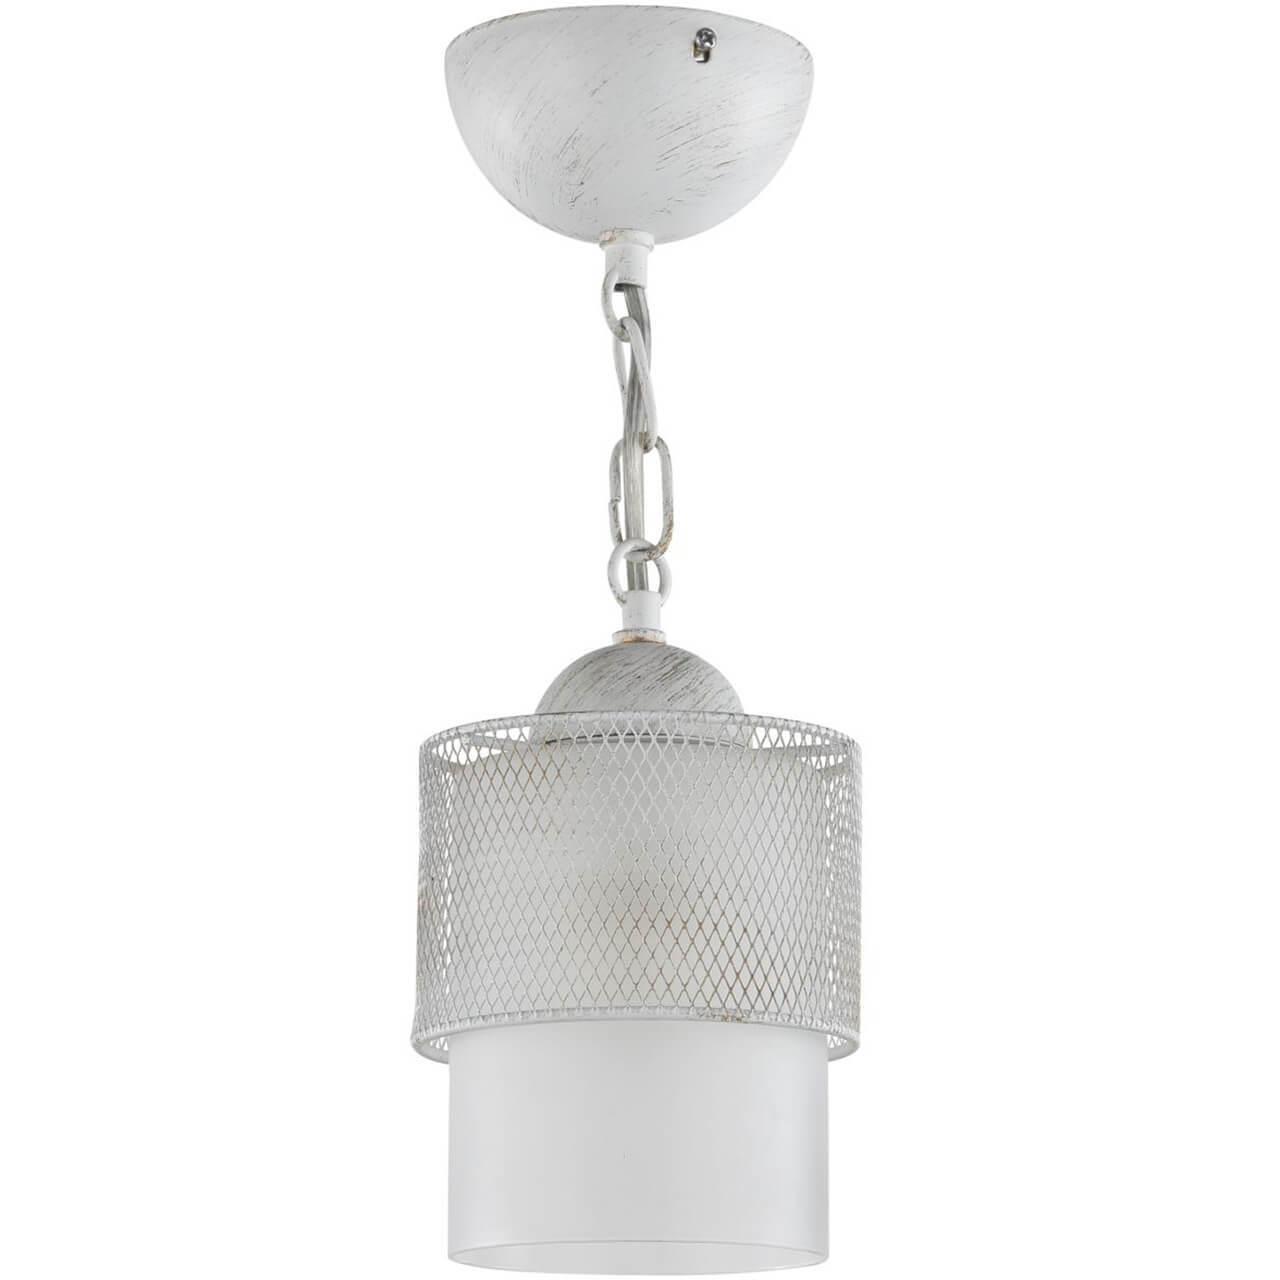 Подвесной светильник Freya FR2201-PL-01-WG, E27, 60 Вт подвесной светильник freya fr2201 pl 01 g